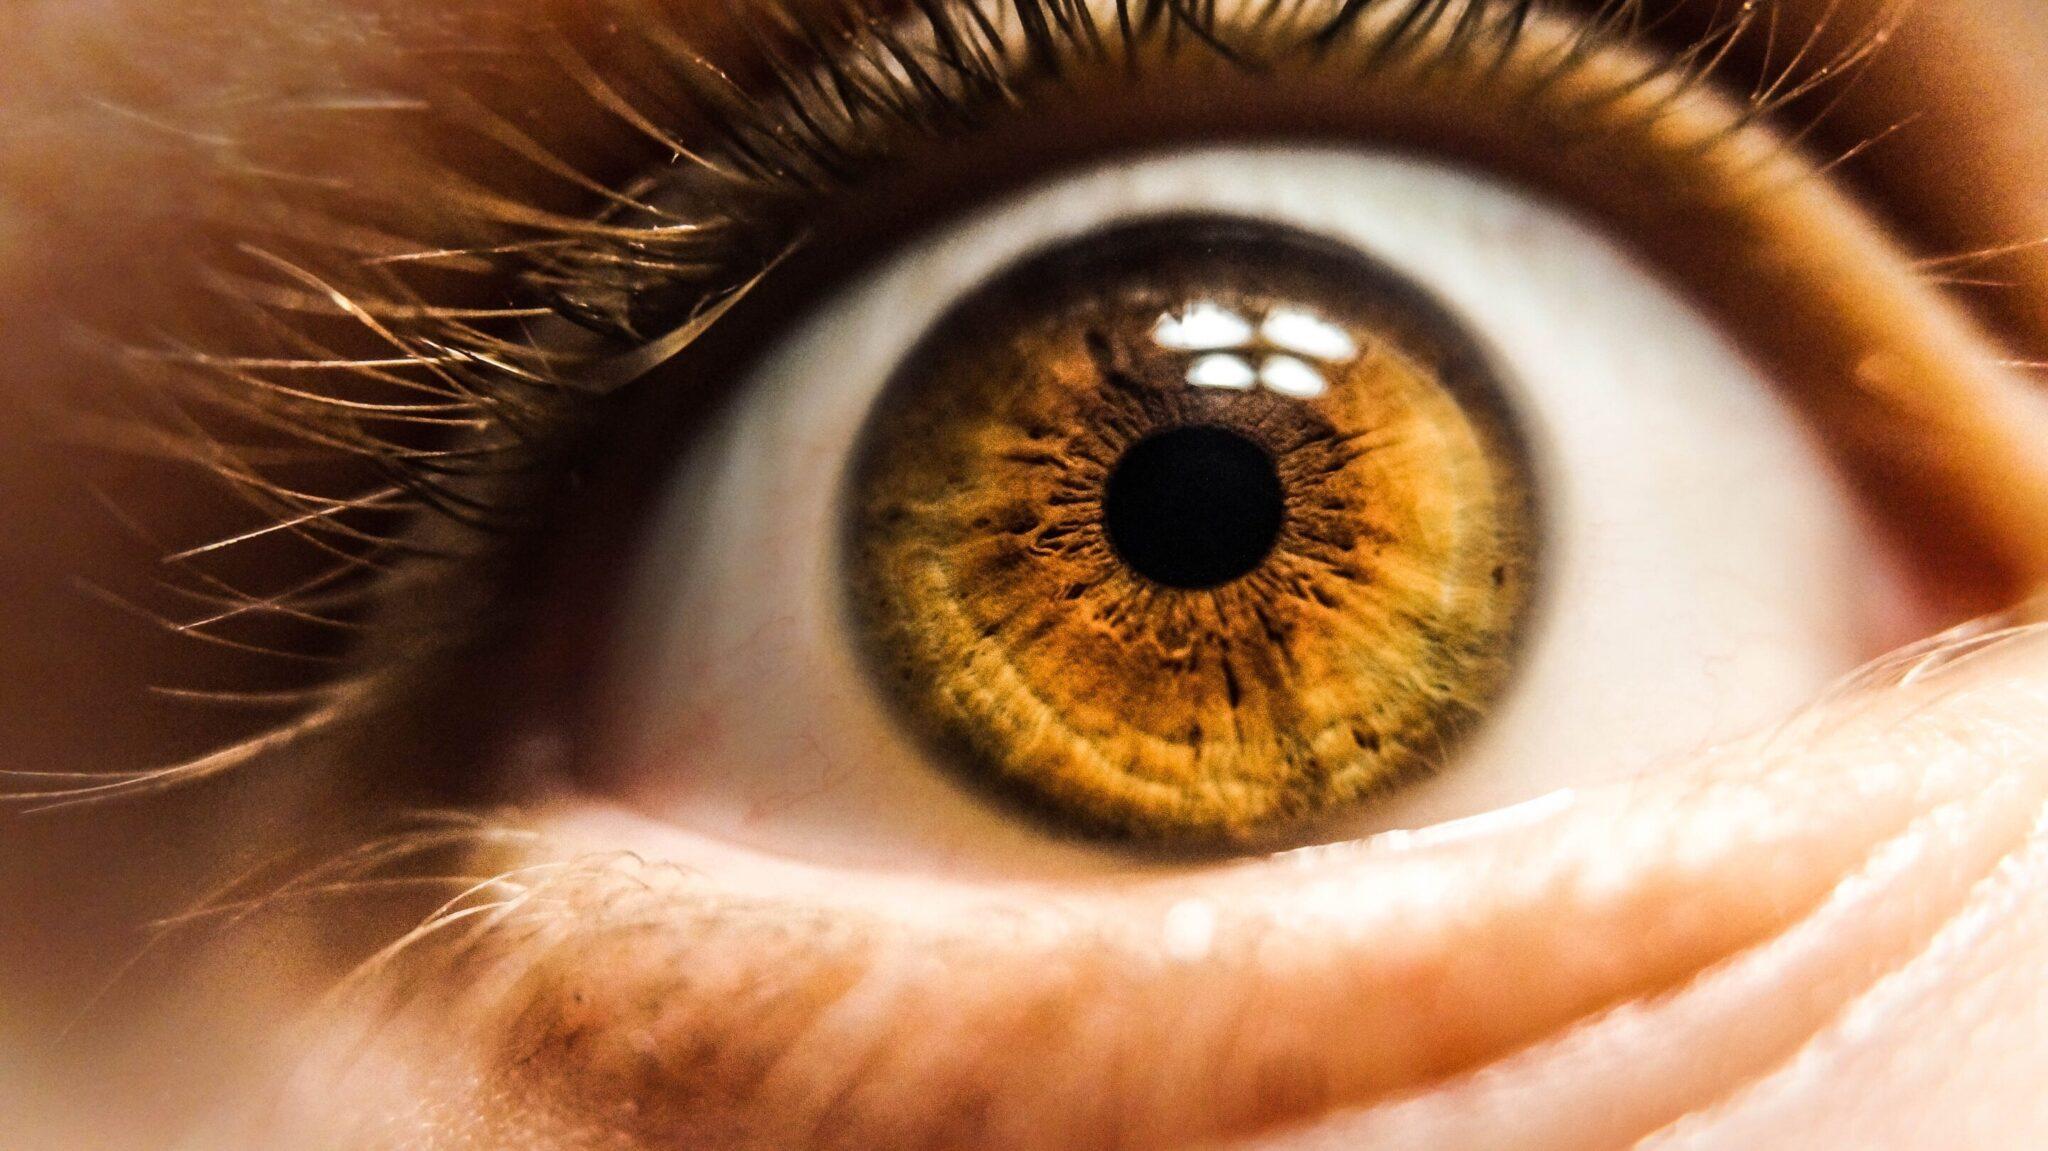 Πρωτοποριακός οπτικός αισθητήρας μιμείται το ανθρώπινο μάτι